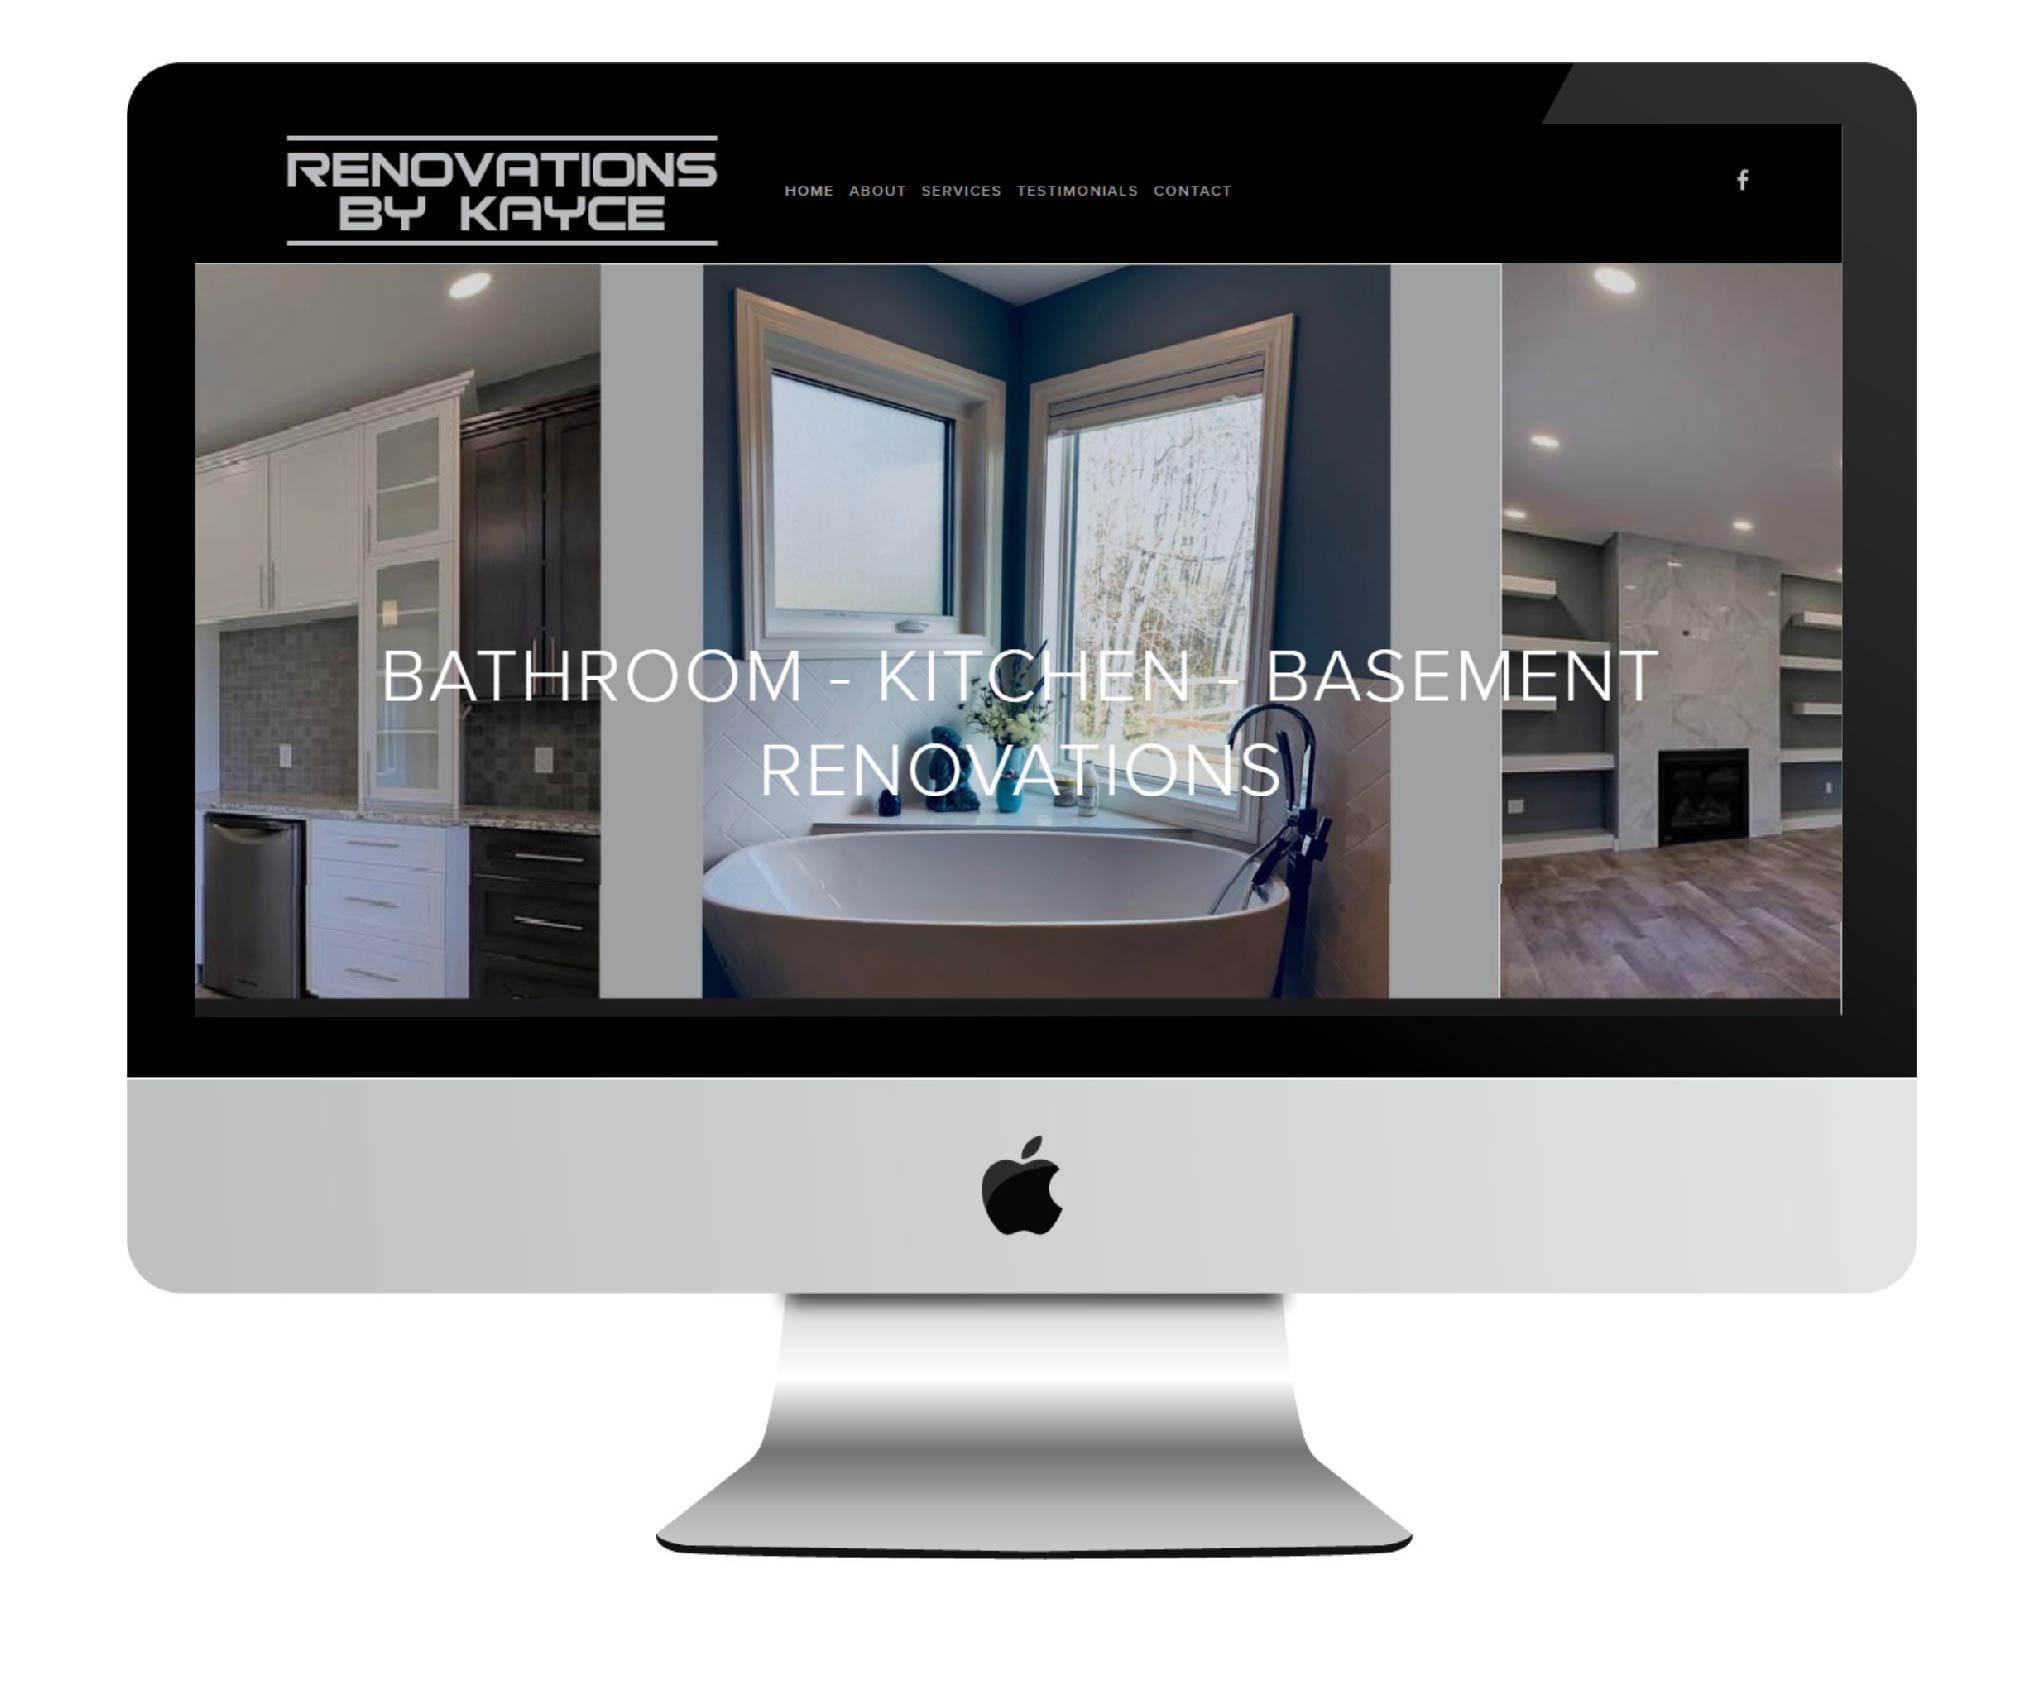 Renovationsbykayceportfolio2.jpg